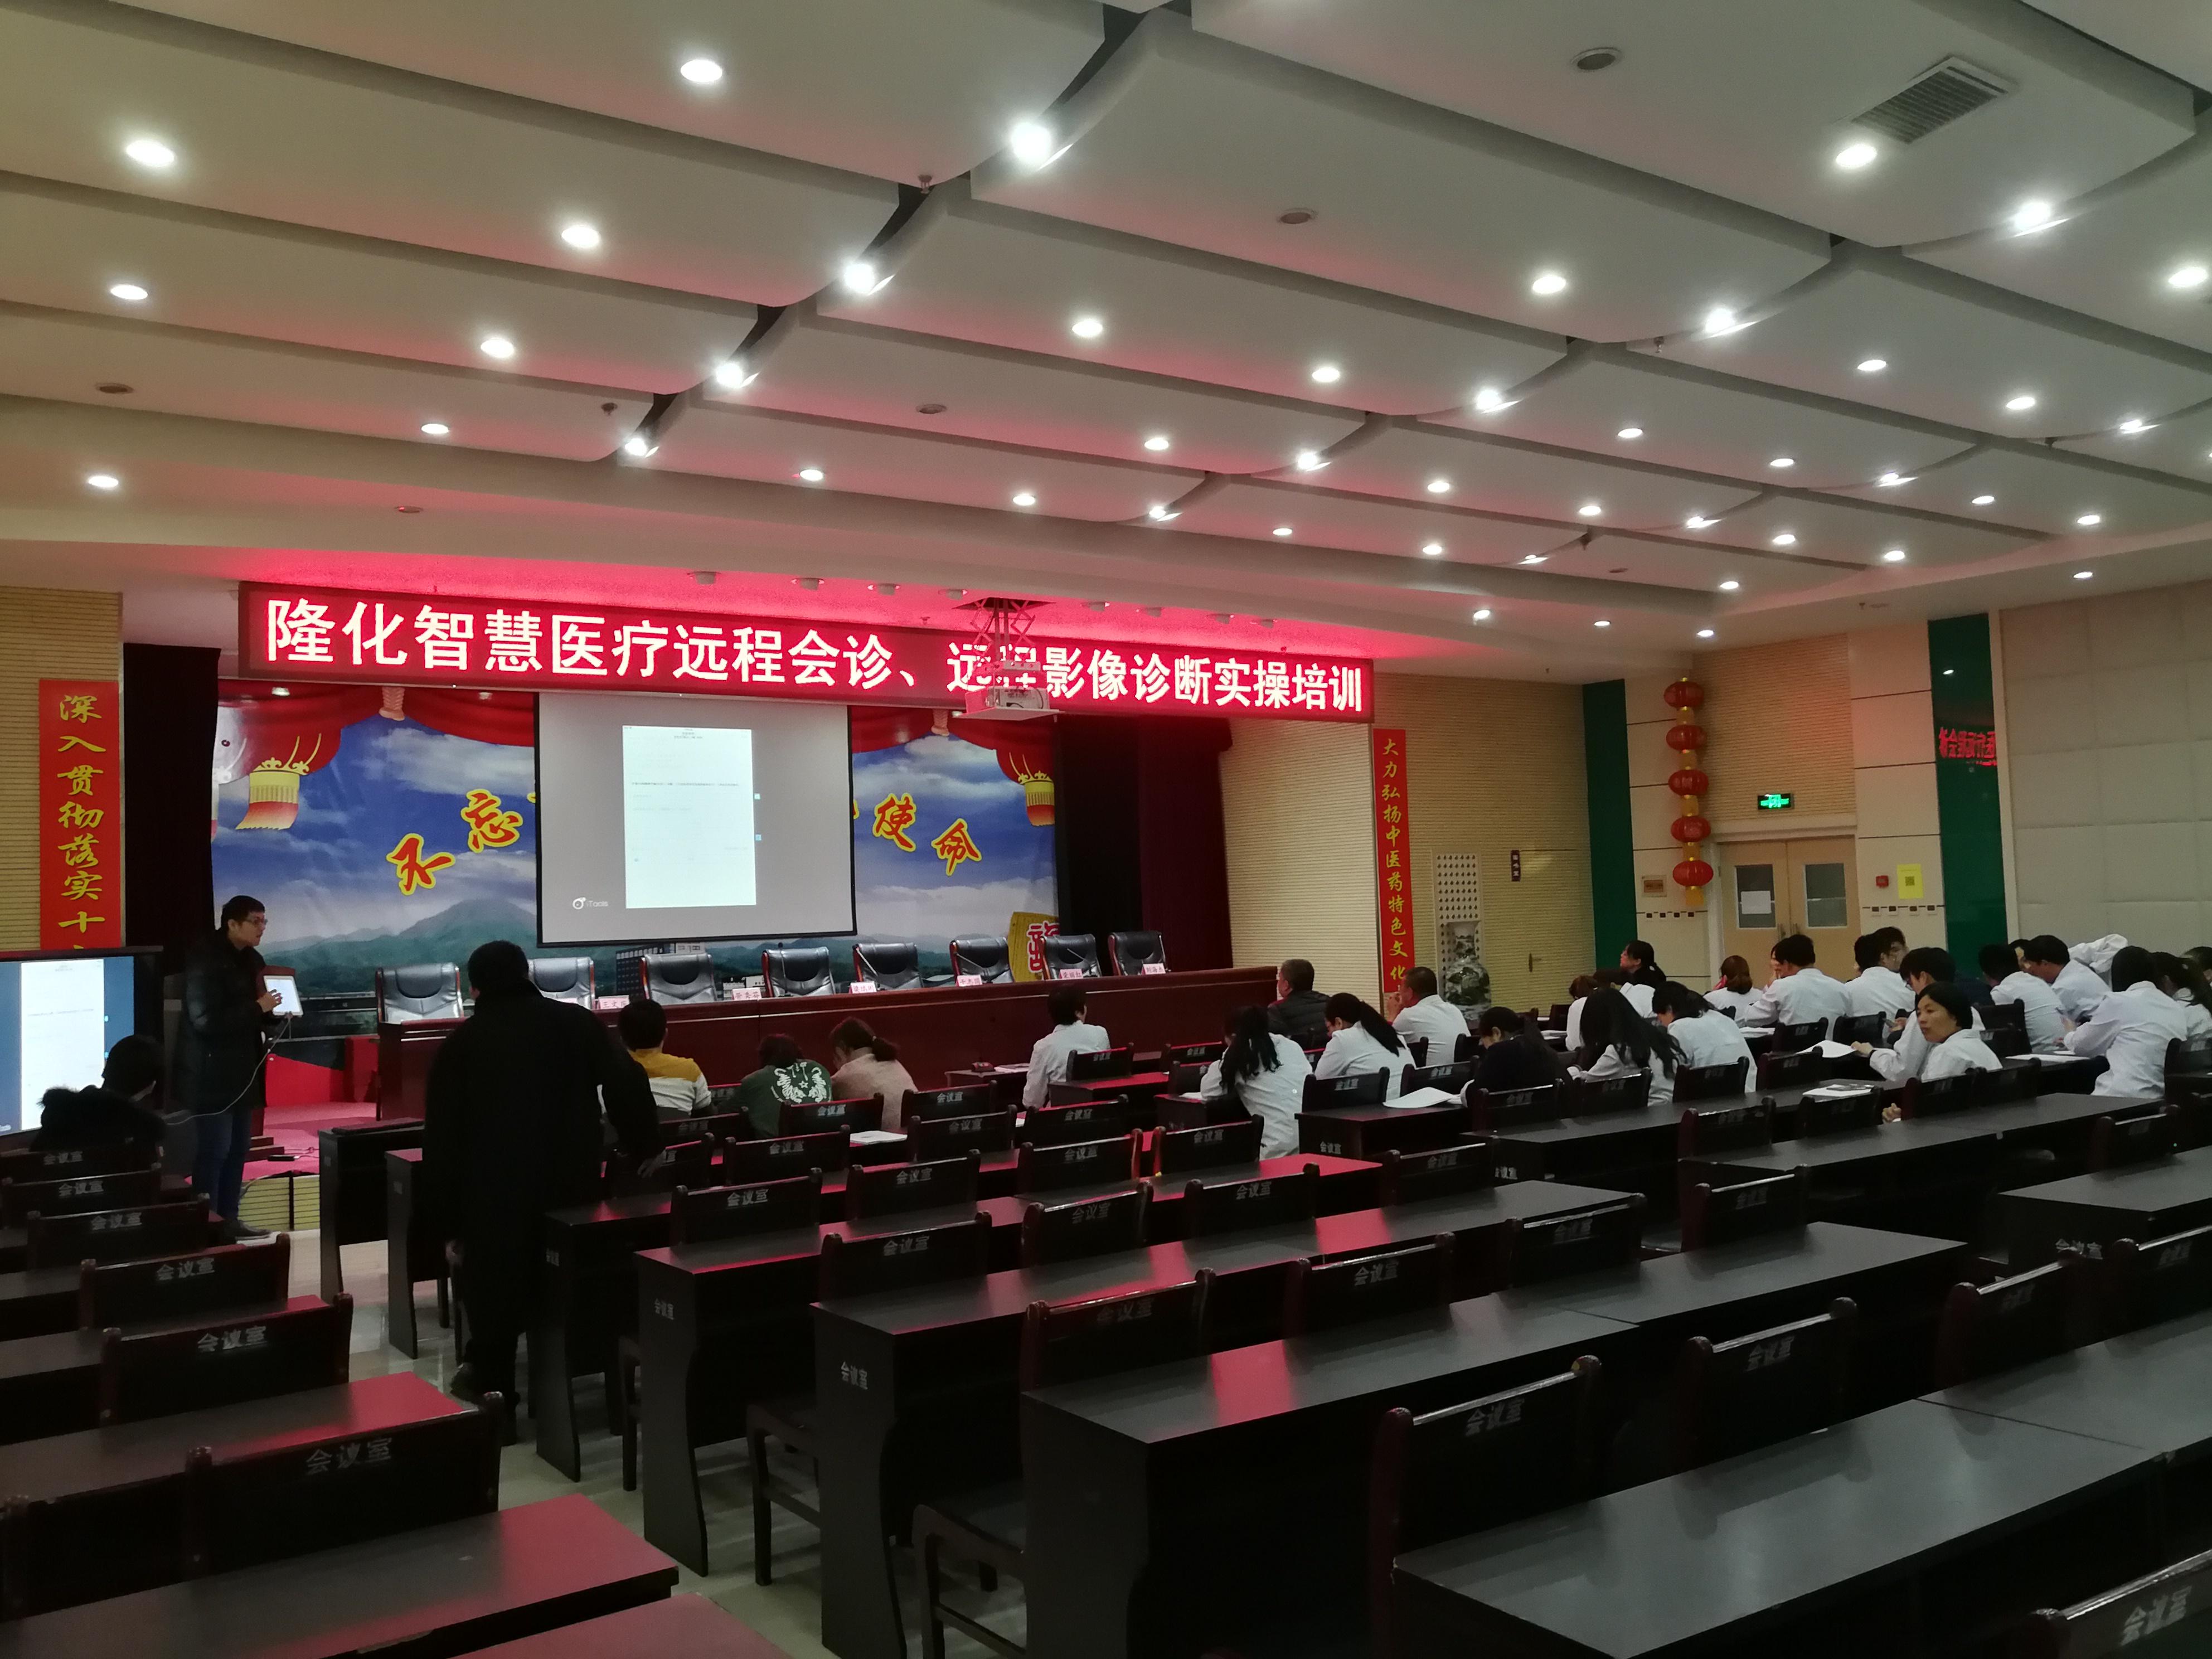 中医院现场培训照片-微信图片_201811281639425